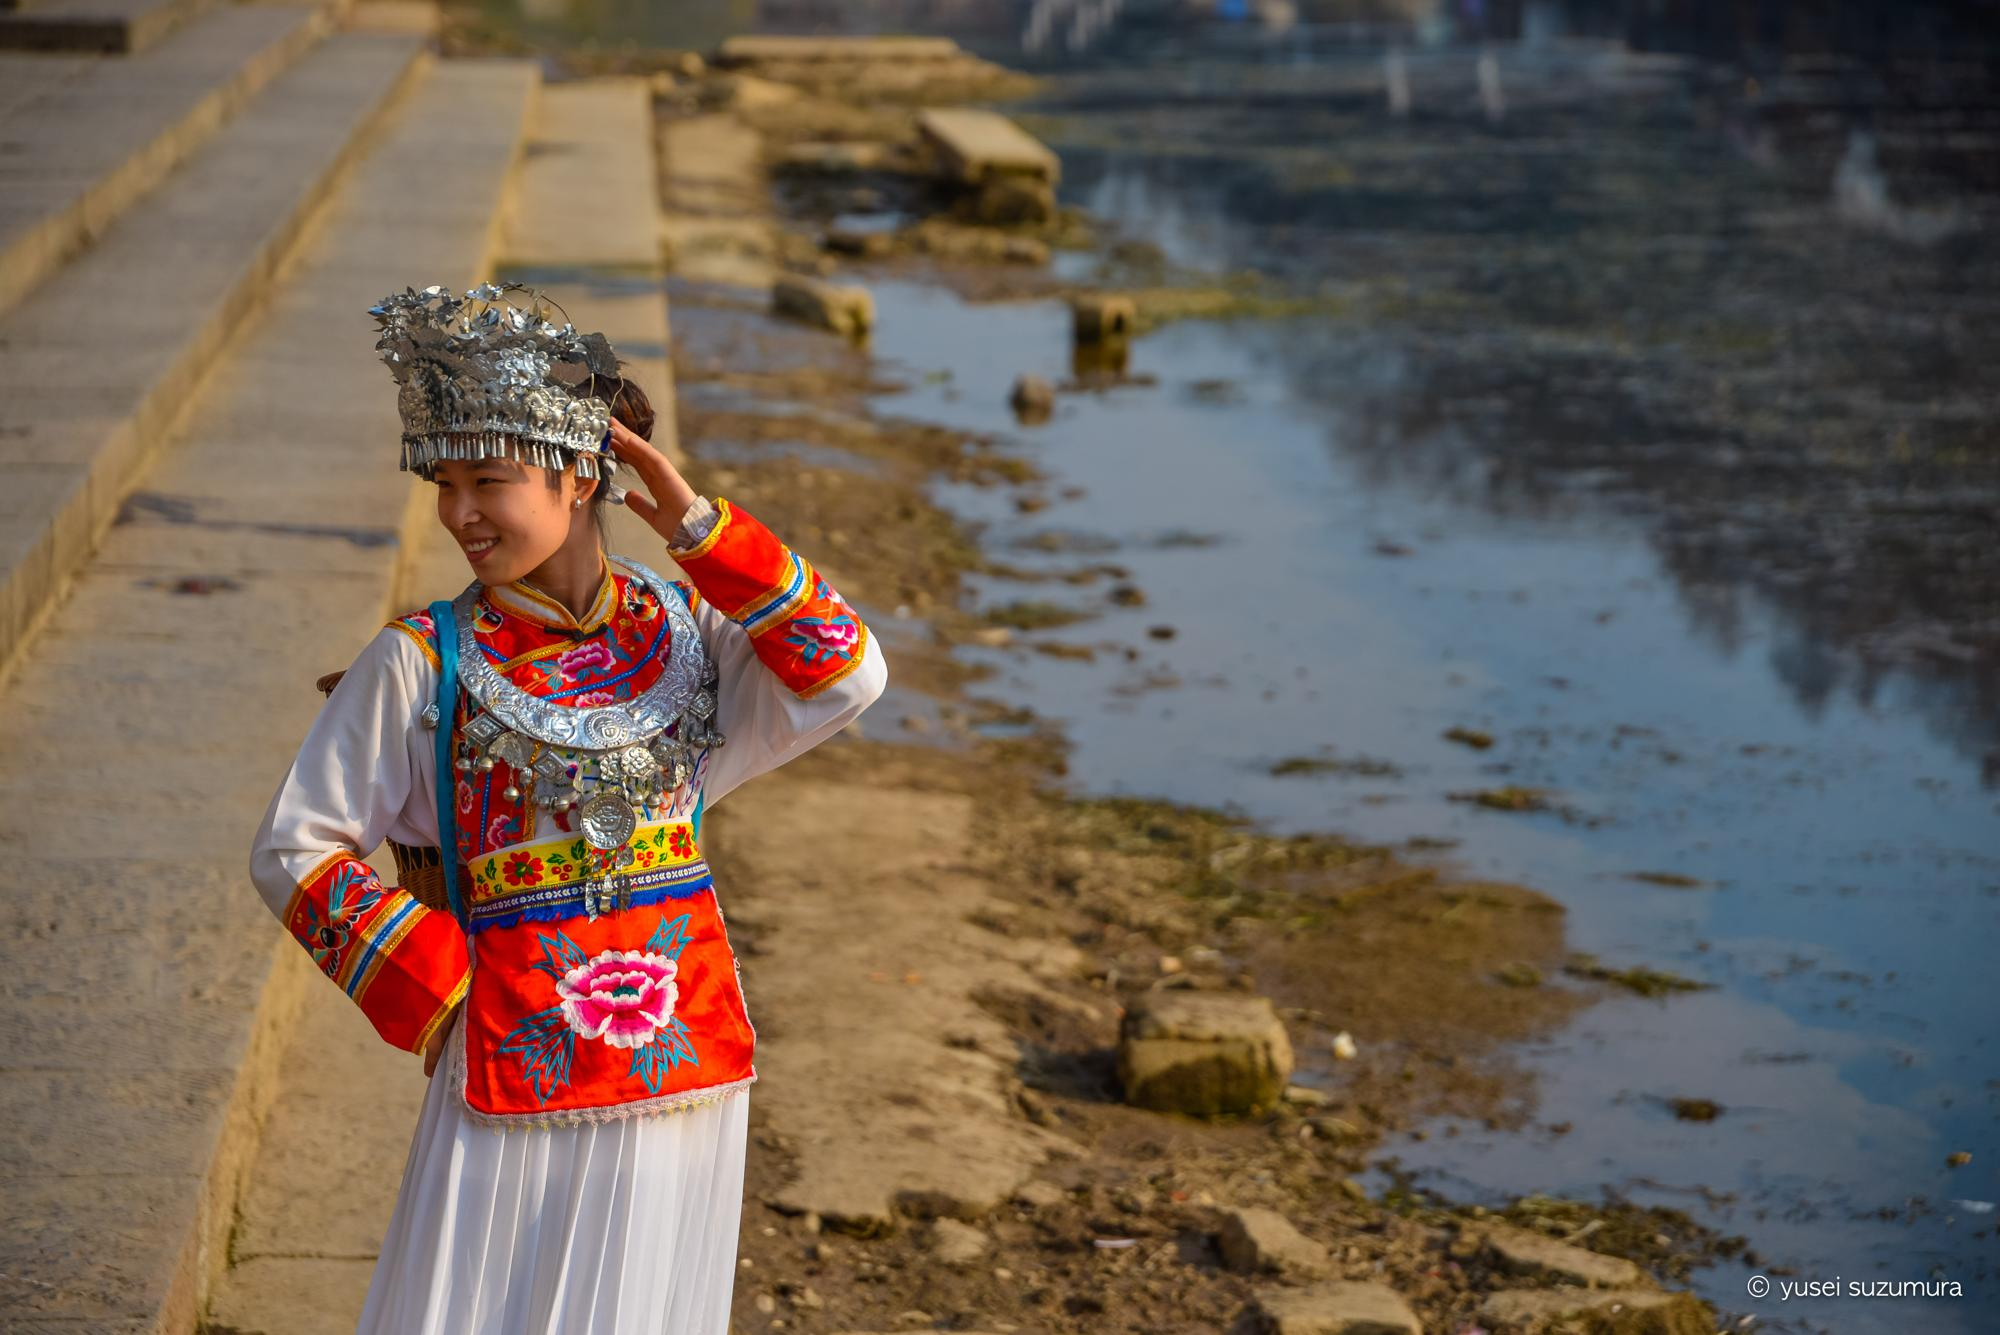 鳳凰古城 女性 コスプレ 民族衣装